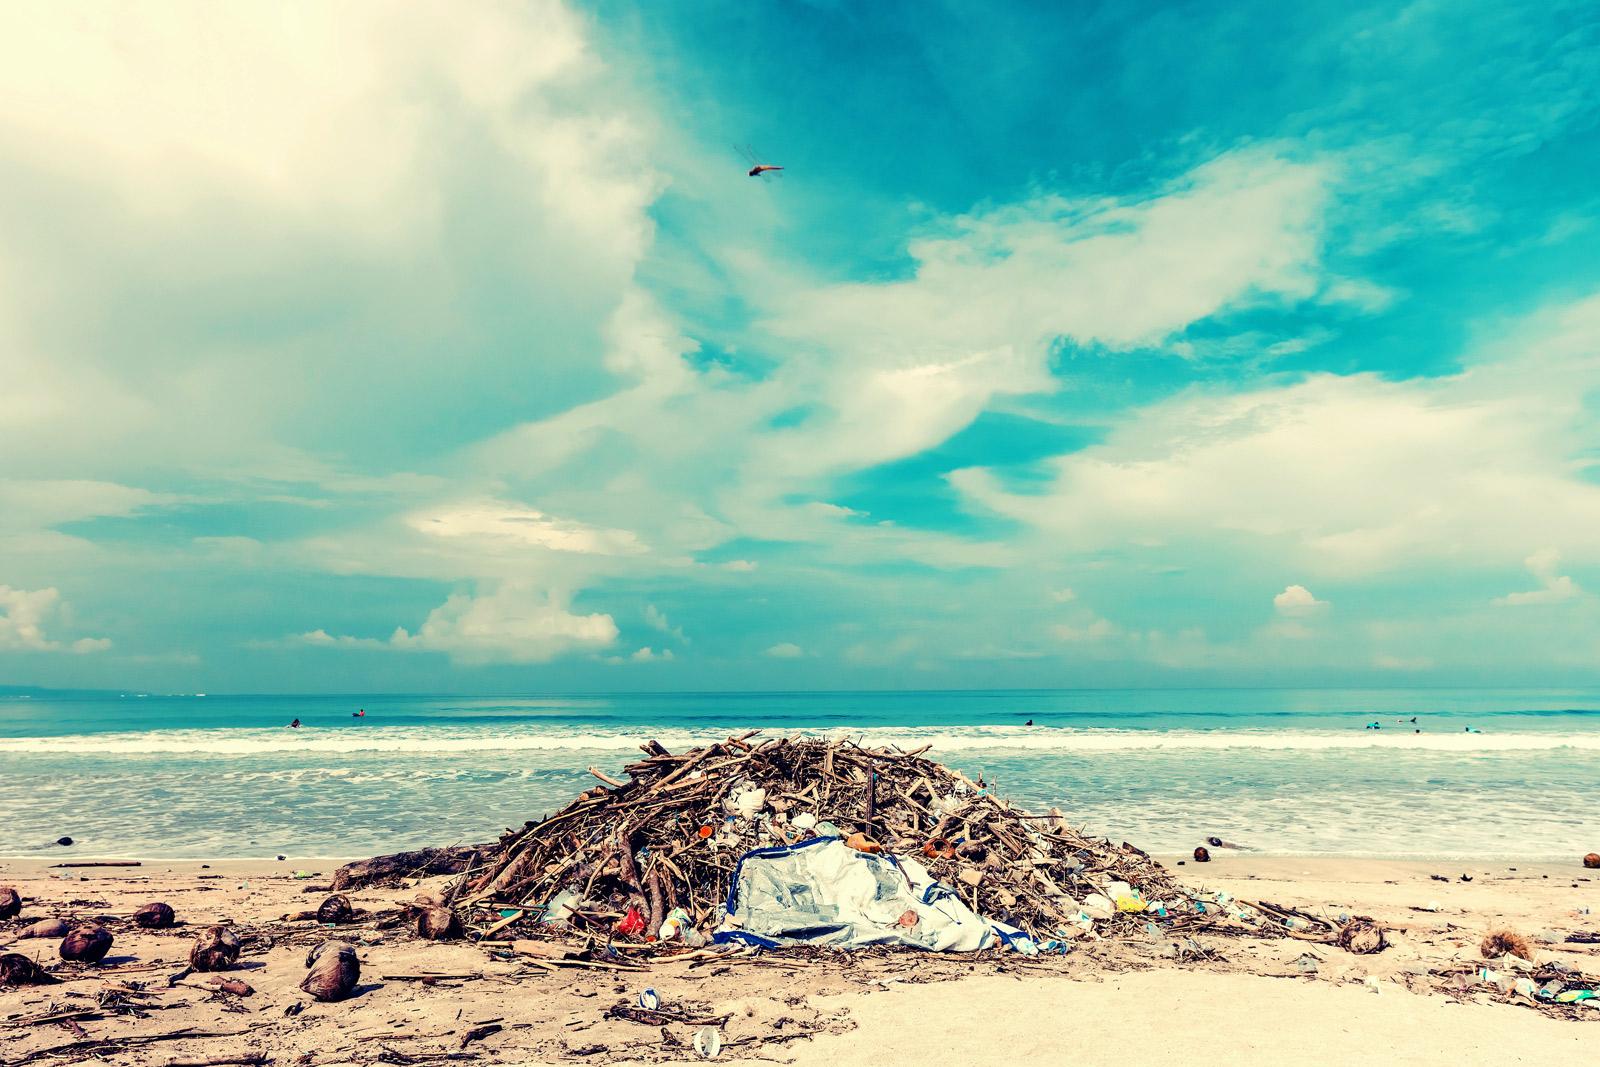 Ein Haufen mit Seegras und Müll , der an einem Strand angeschwemmt zu einem Haufen herumliegt. Im Hintergrund sieht man das Meer und ein einen mit ein paar Wolken durchzogenen blauen Himmel.